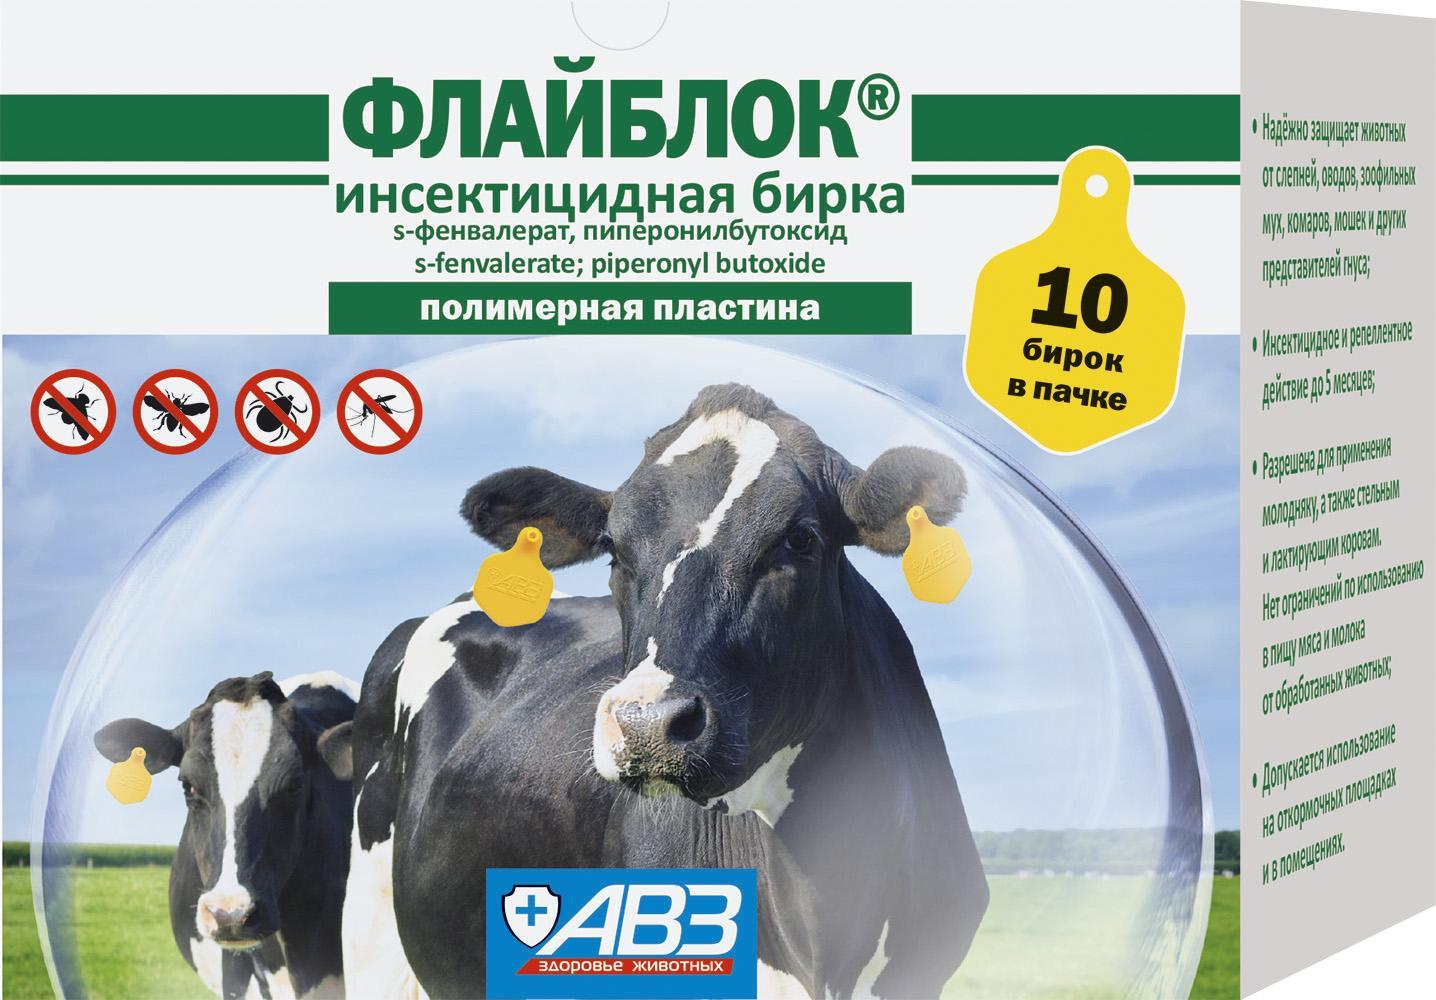 Лечение народными средствами, если у коровы или теленка пропала жвачка